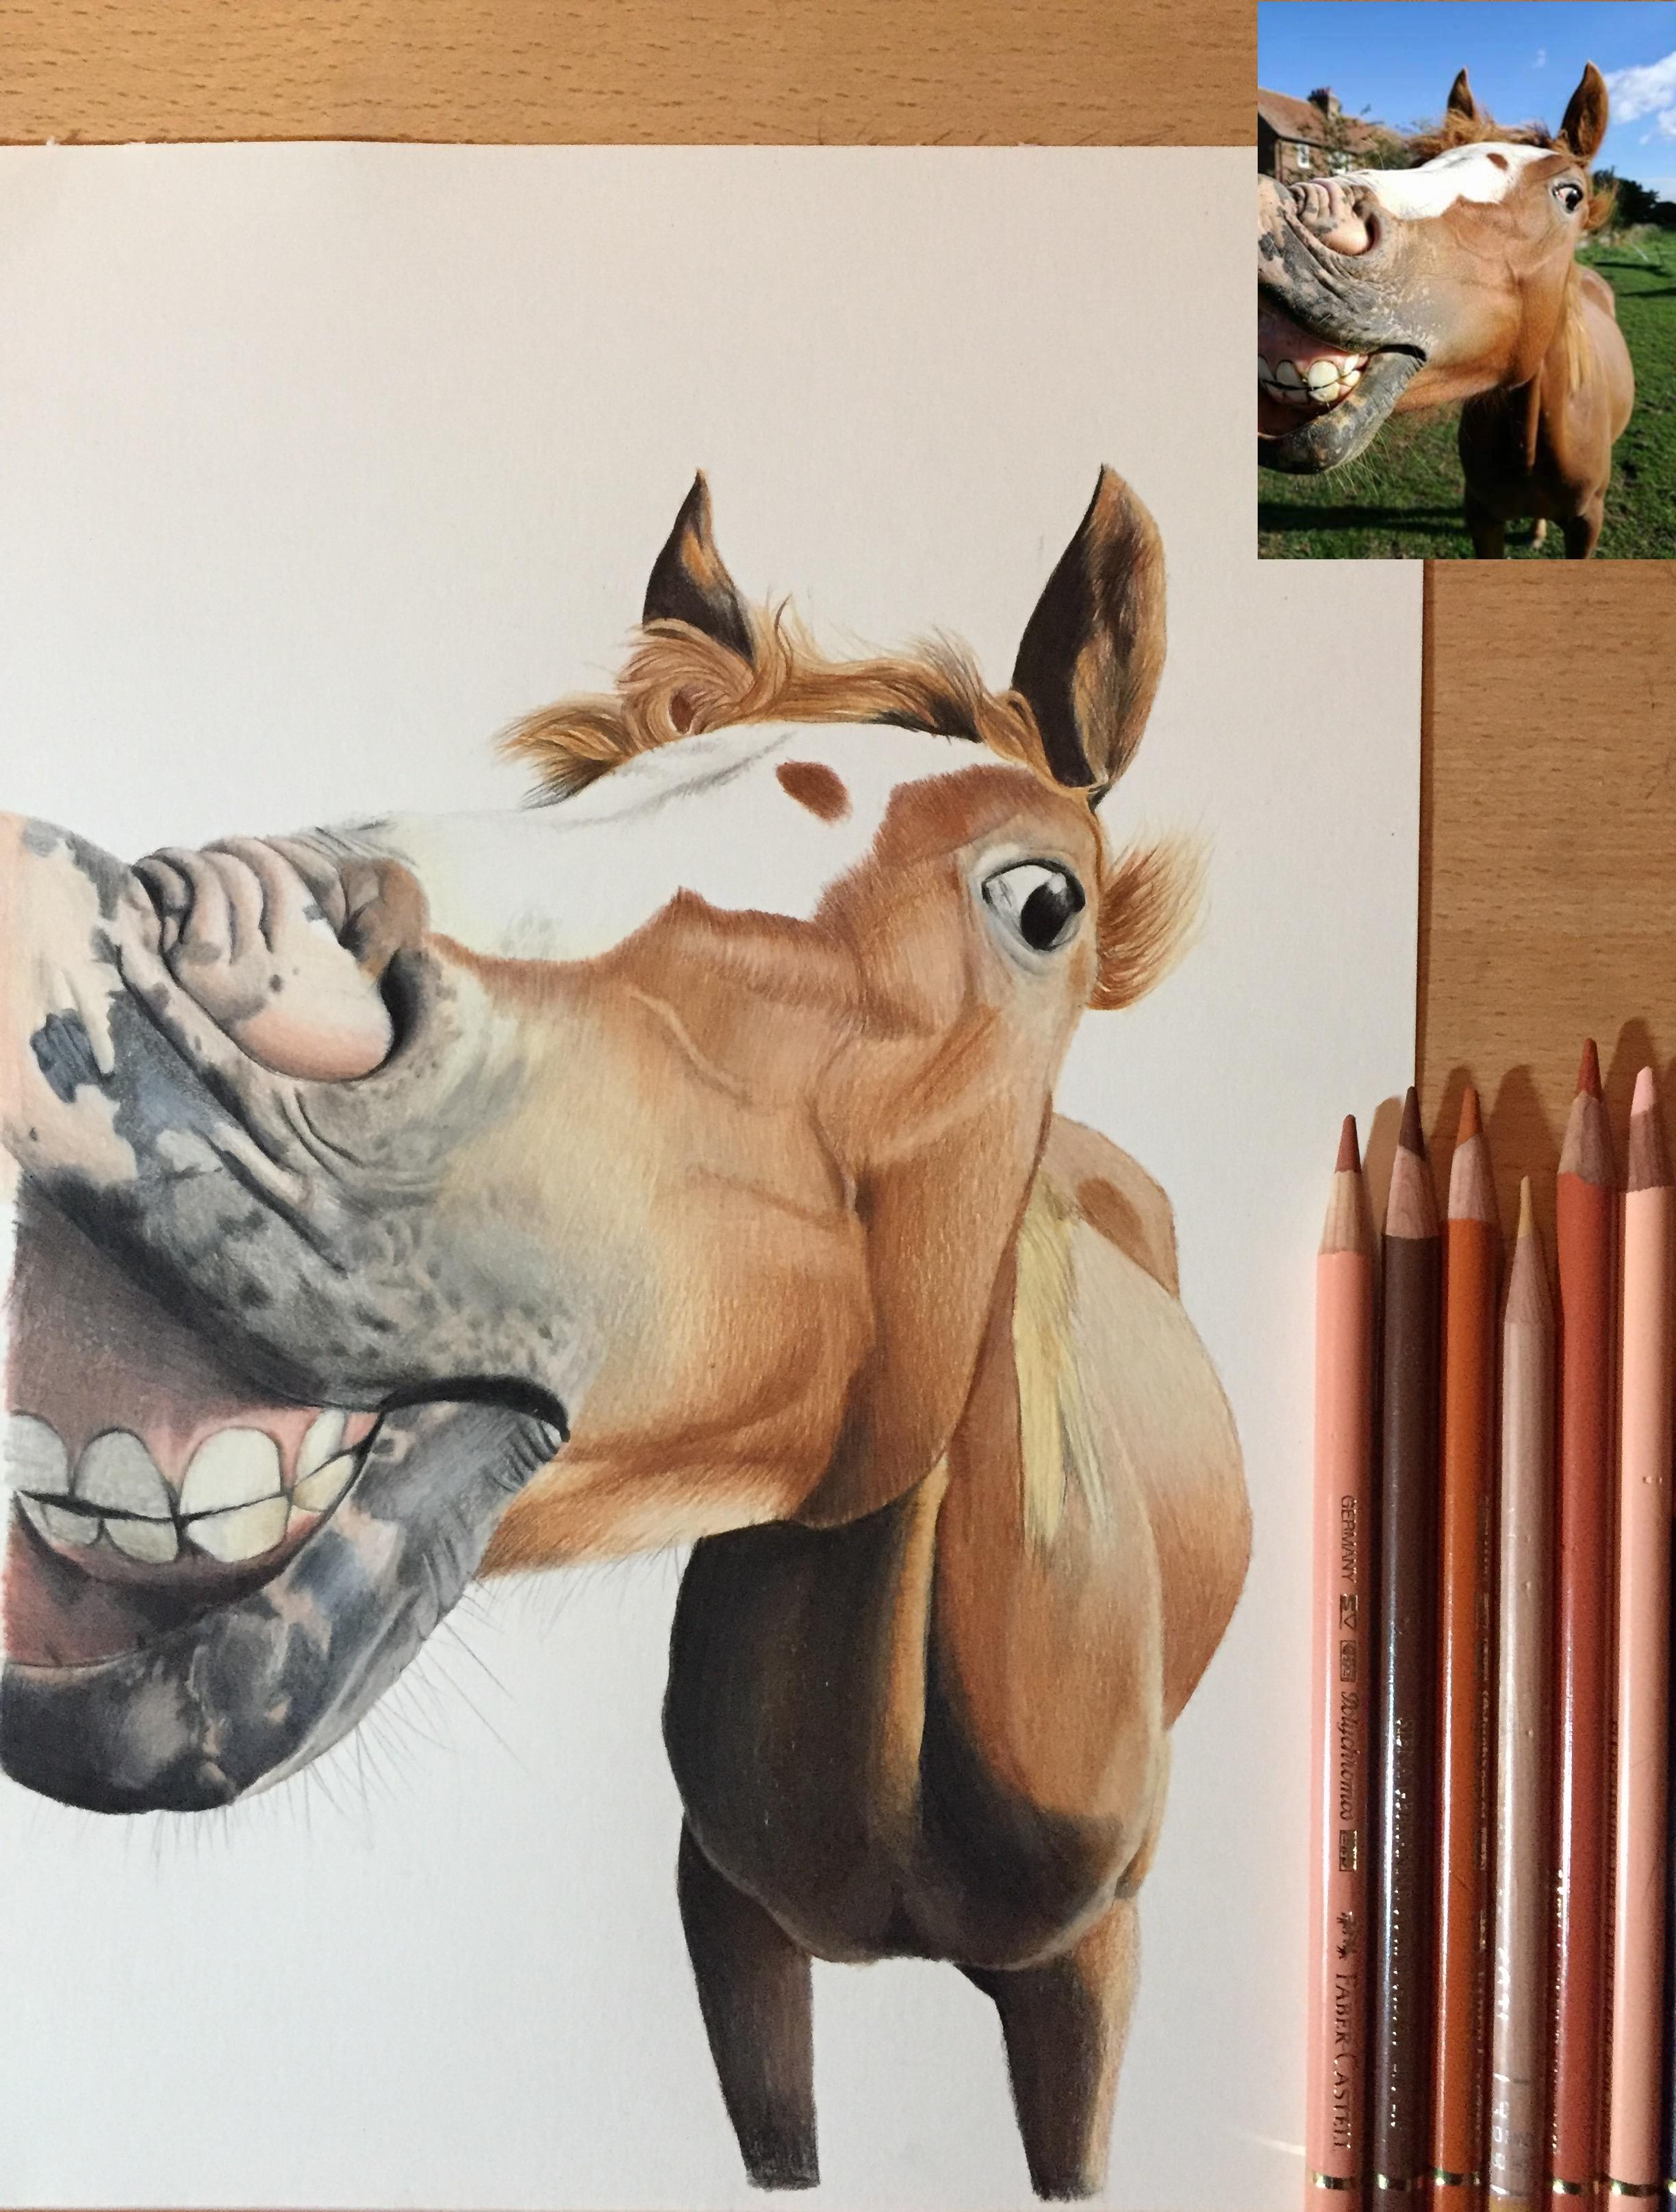 funny horse pet equine portrait